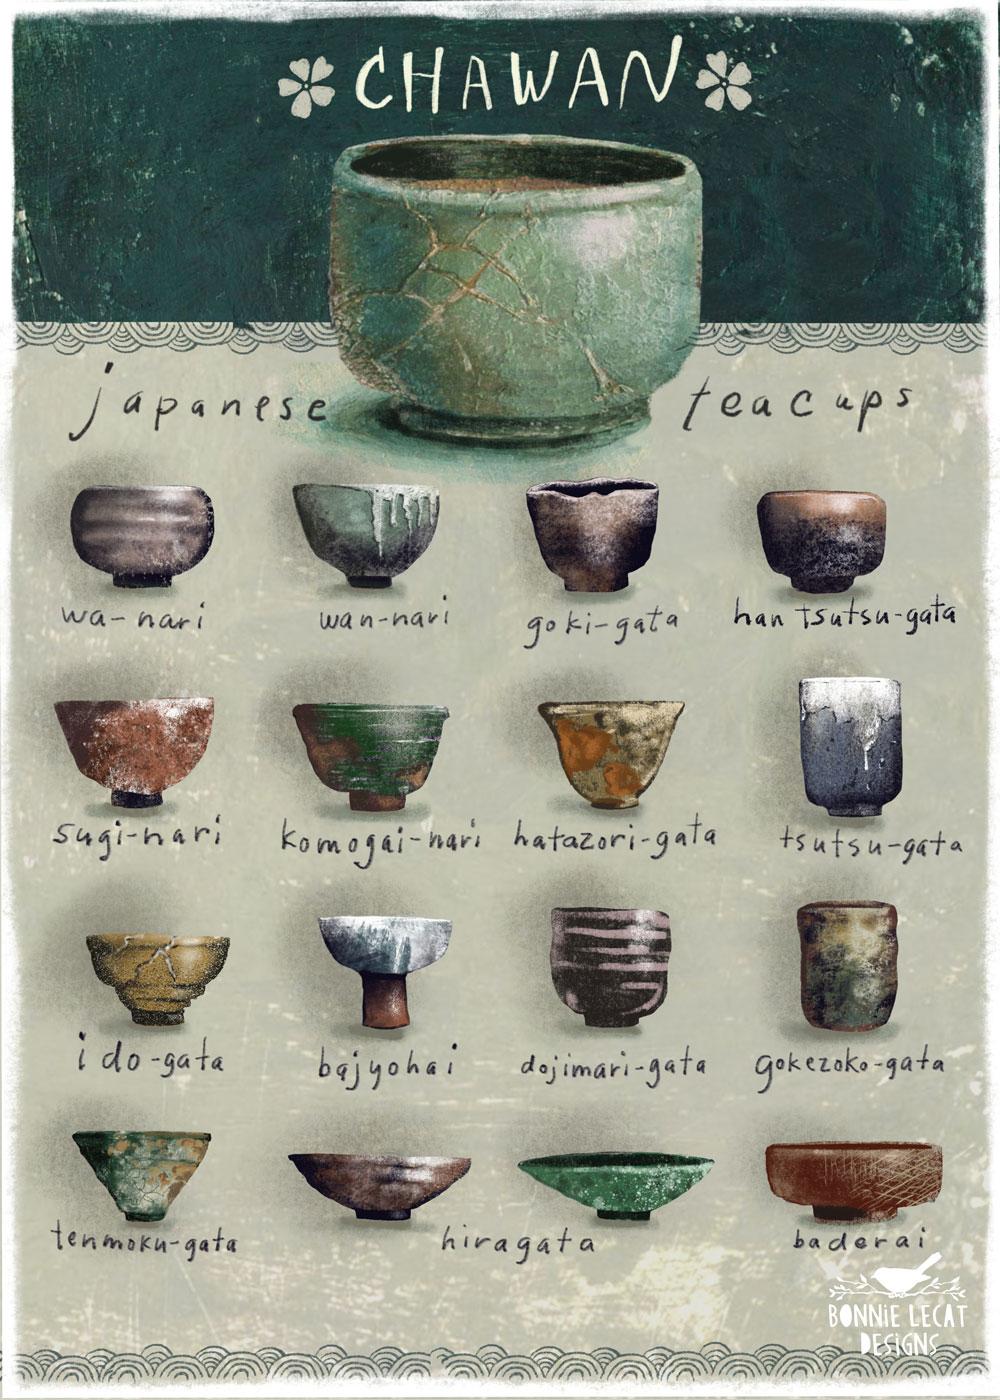 Japanese tea bowls illustration by Bonnie Lecat.